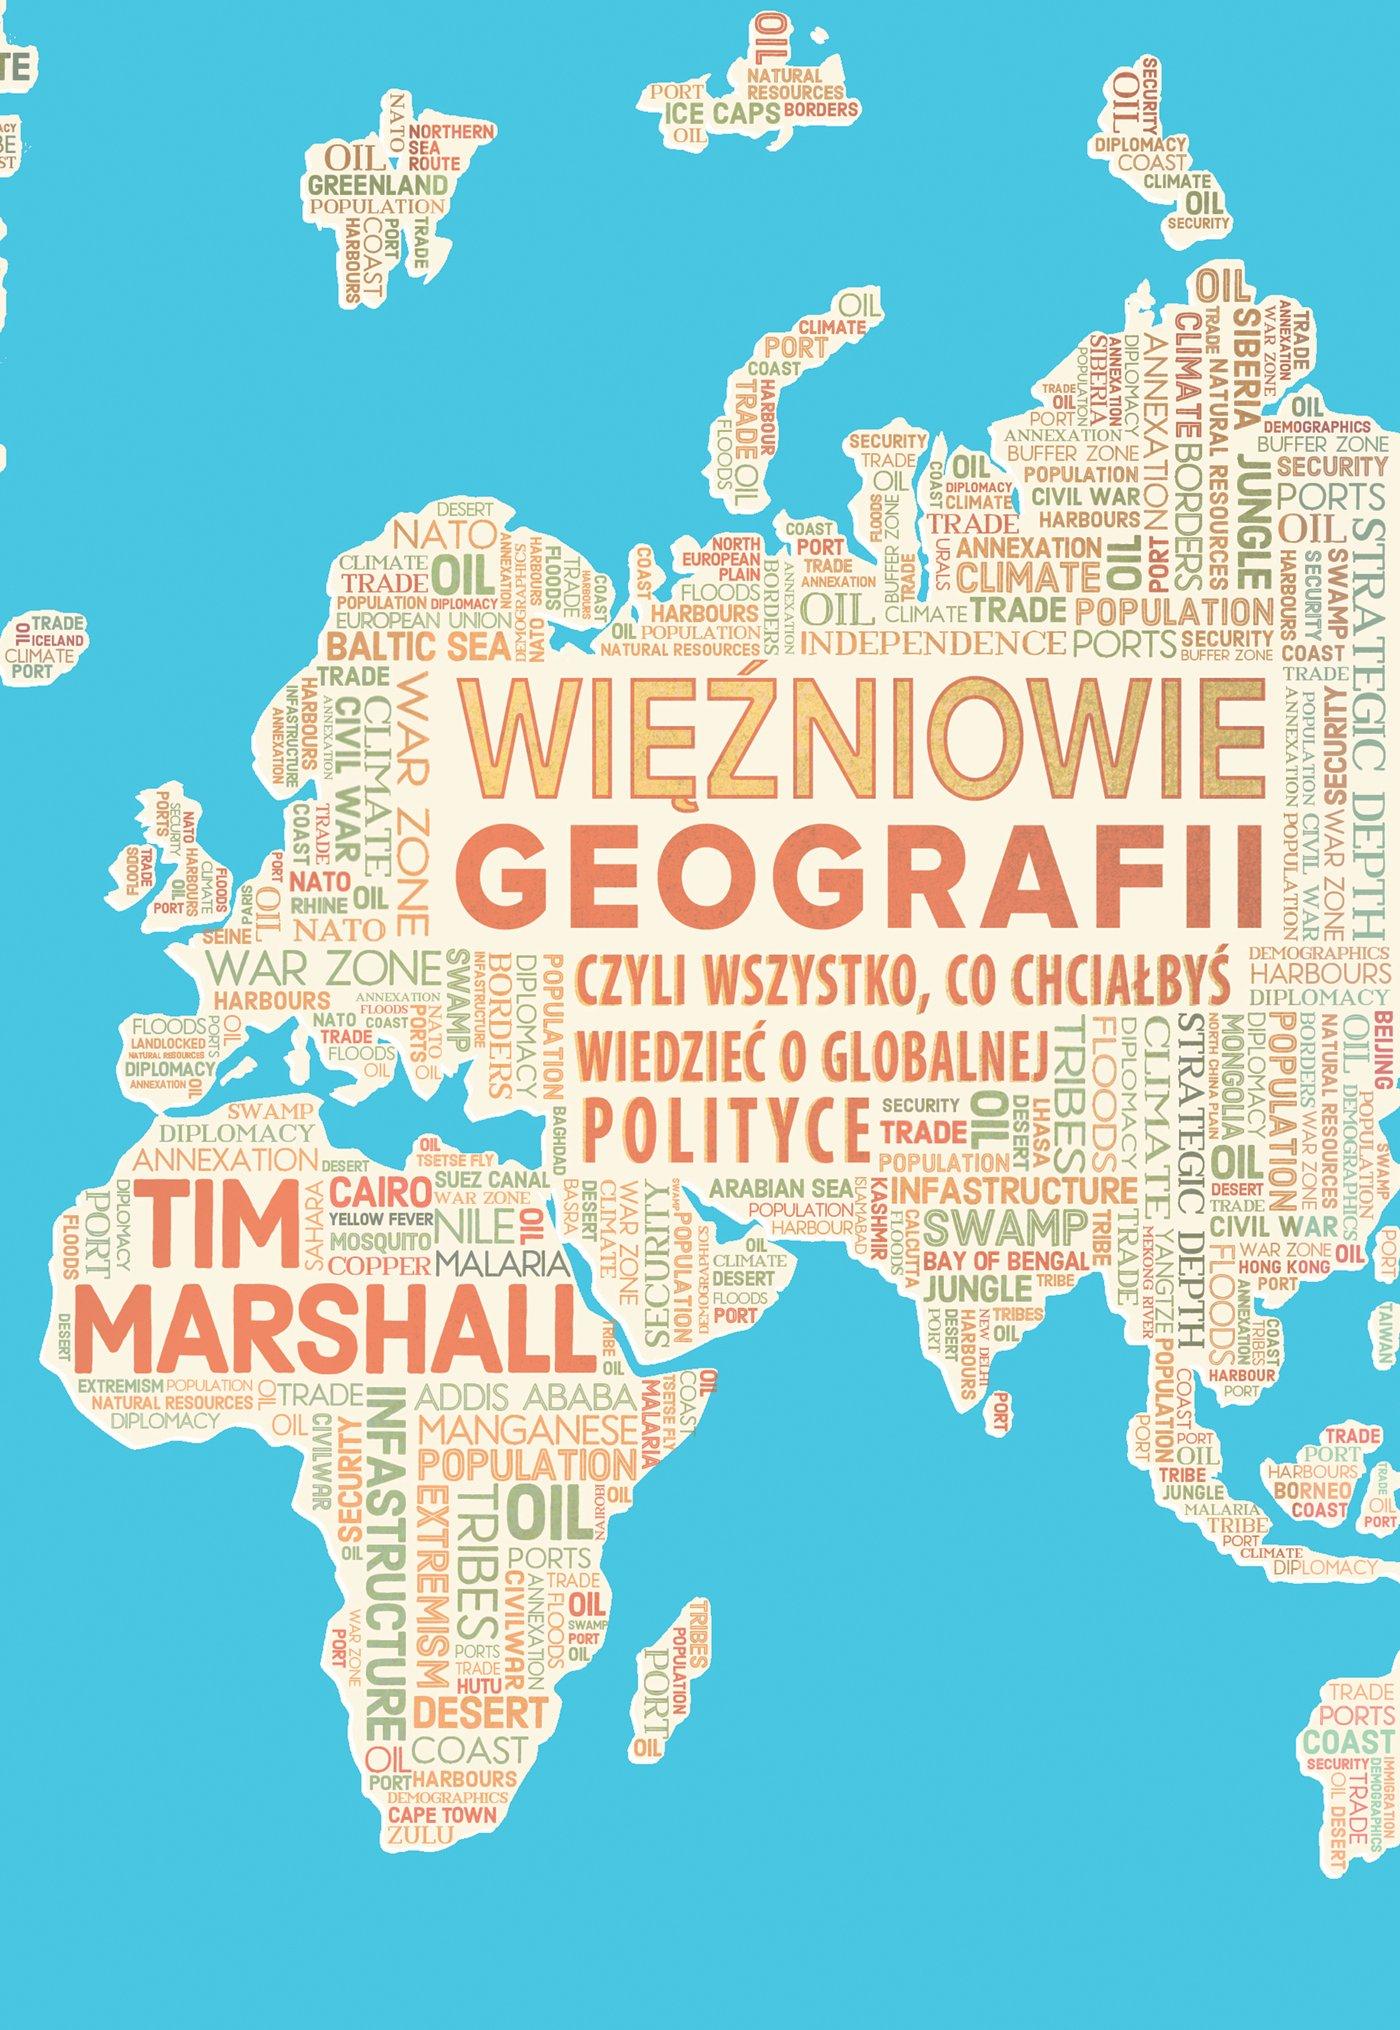 Więźniowie geografii, czyli wszystko, co chciałbyś wiedzieć o globalnej polityce - Ebook (Książka na Kindle) do pobrania w formacie MOBI